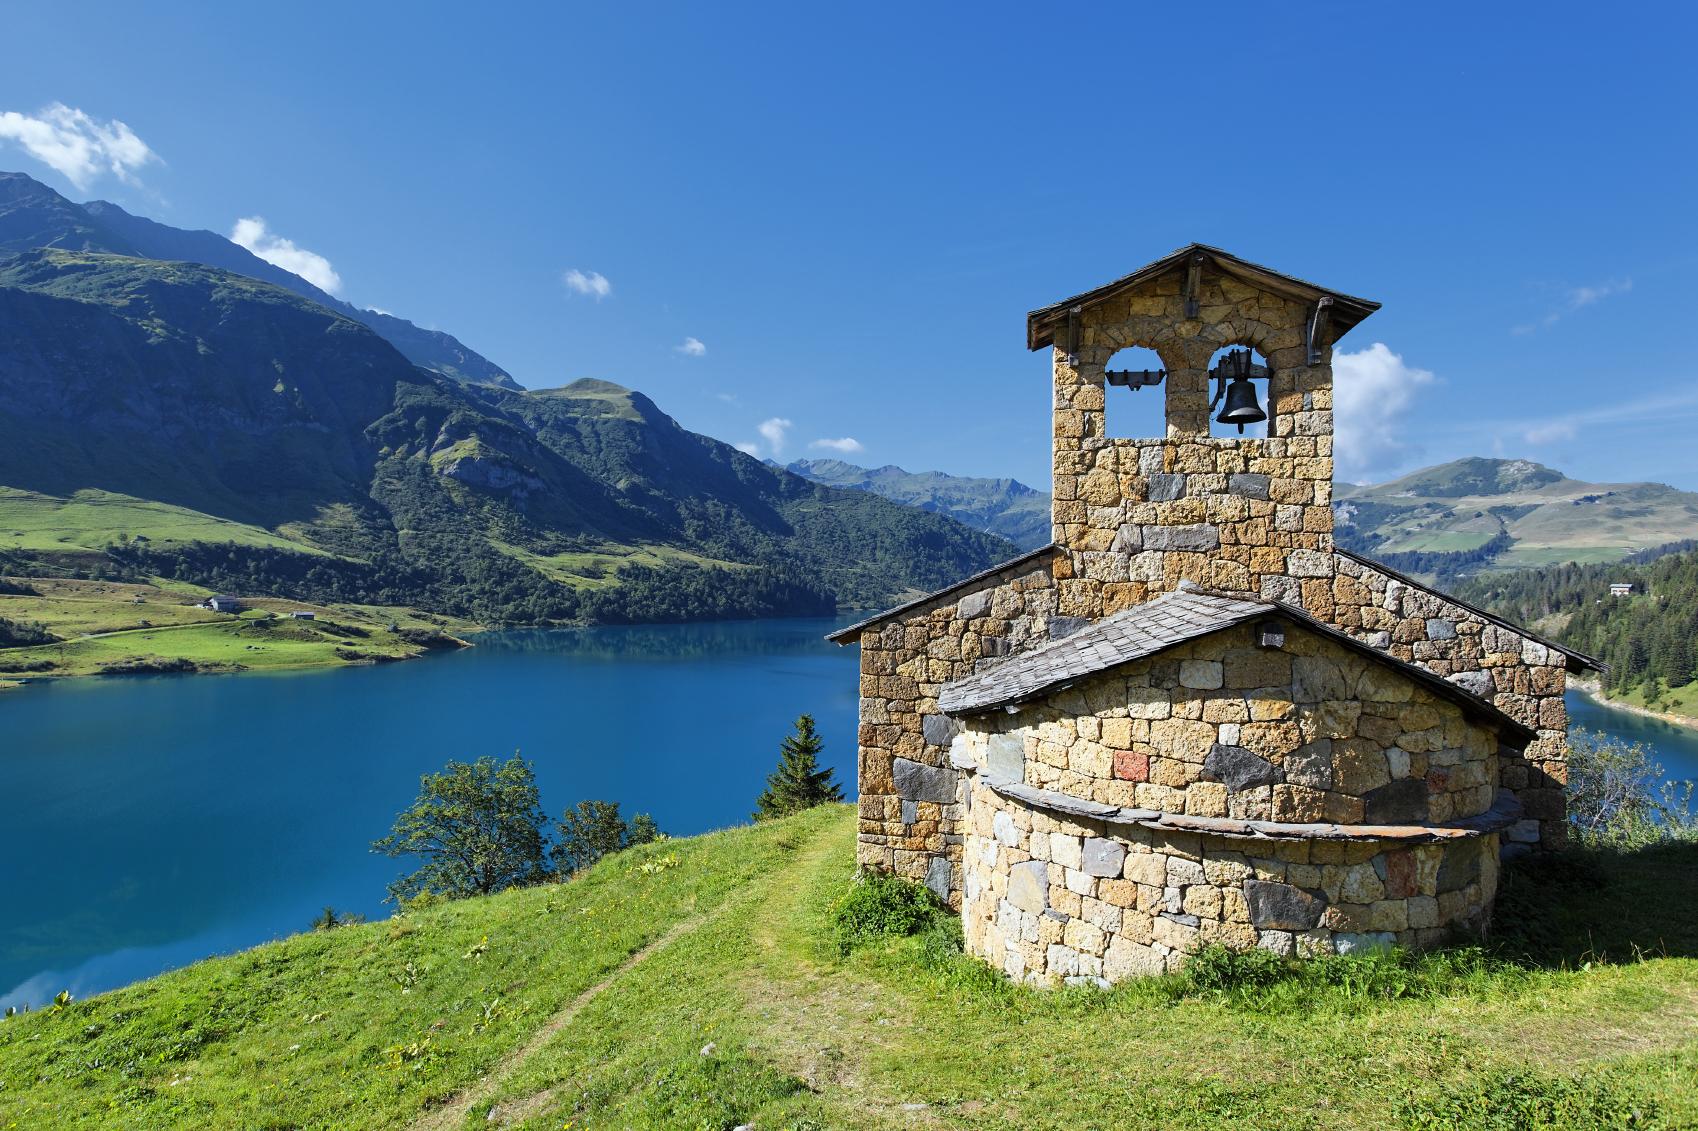 Adembenemend uitzicht in de Franse Alpen!